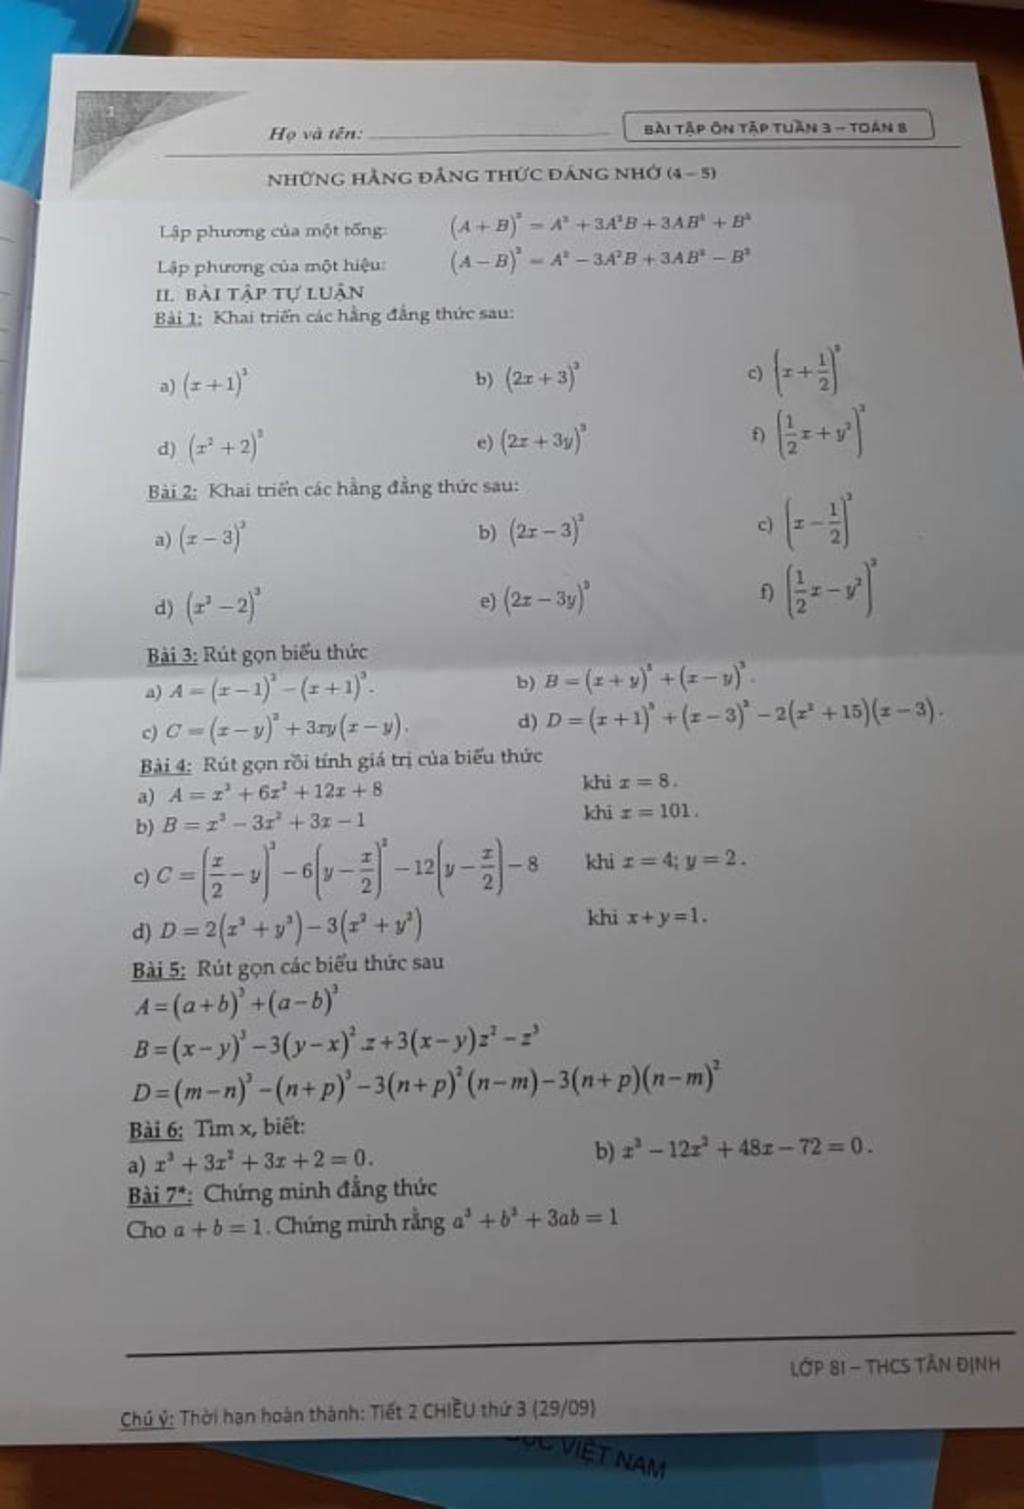 giup-mik-bai-3-vs-may-ban-eiiiiiiiiii